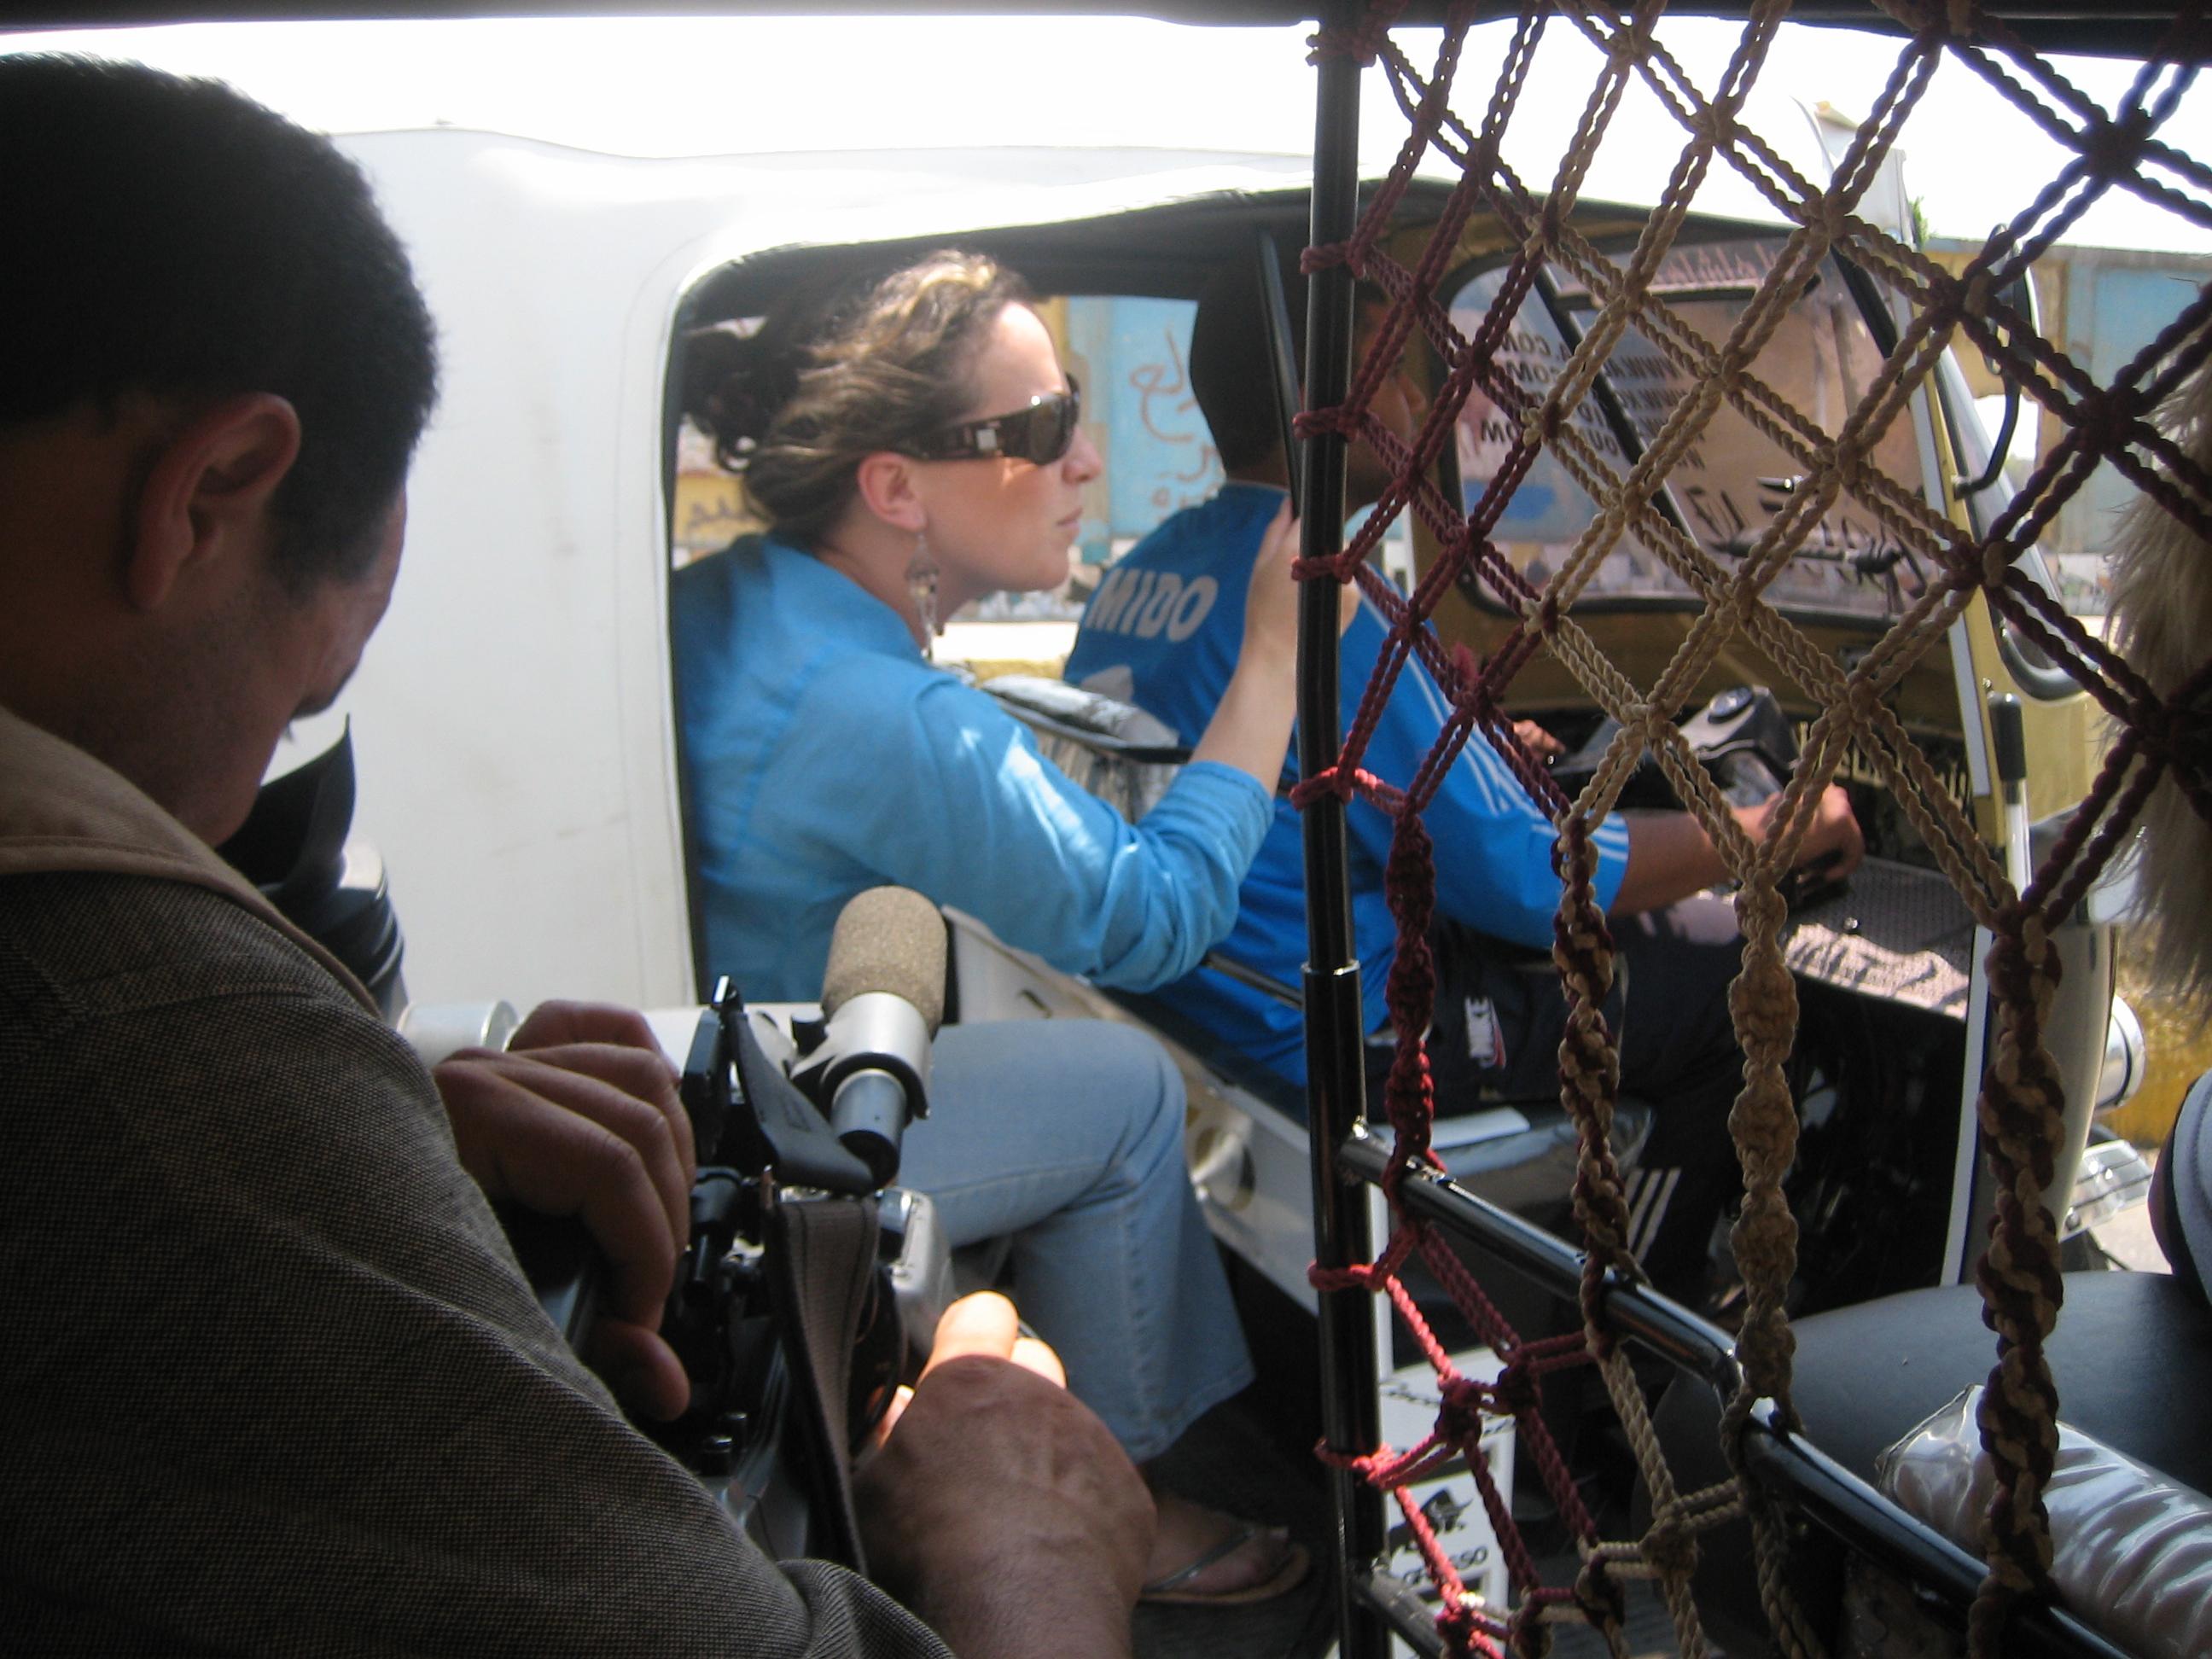 Alejandría_El Cairo 23-06-06 003